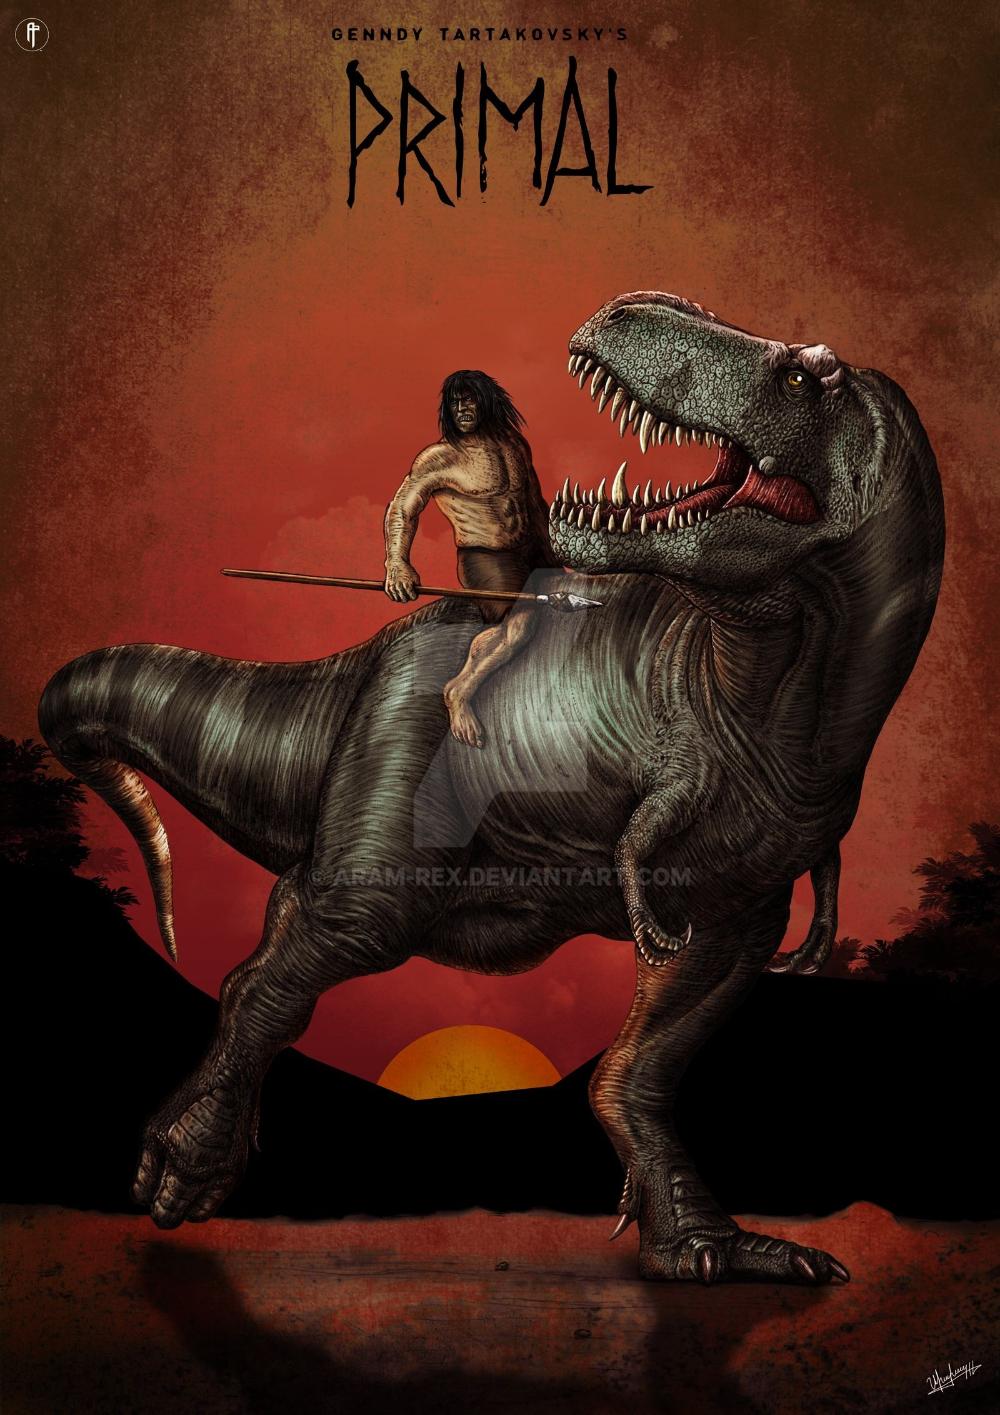 Genndy Tartakovsky S Primal A Bit More Accurate By Aram Rex On Deviantart Prehistoric Creatures Dinosaur Illustration Creatures Extinction' llegará a ps4 en la primera mitad de 2015, así que tendréis que esperar un poco. prehistoric creatures dinosaur